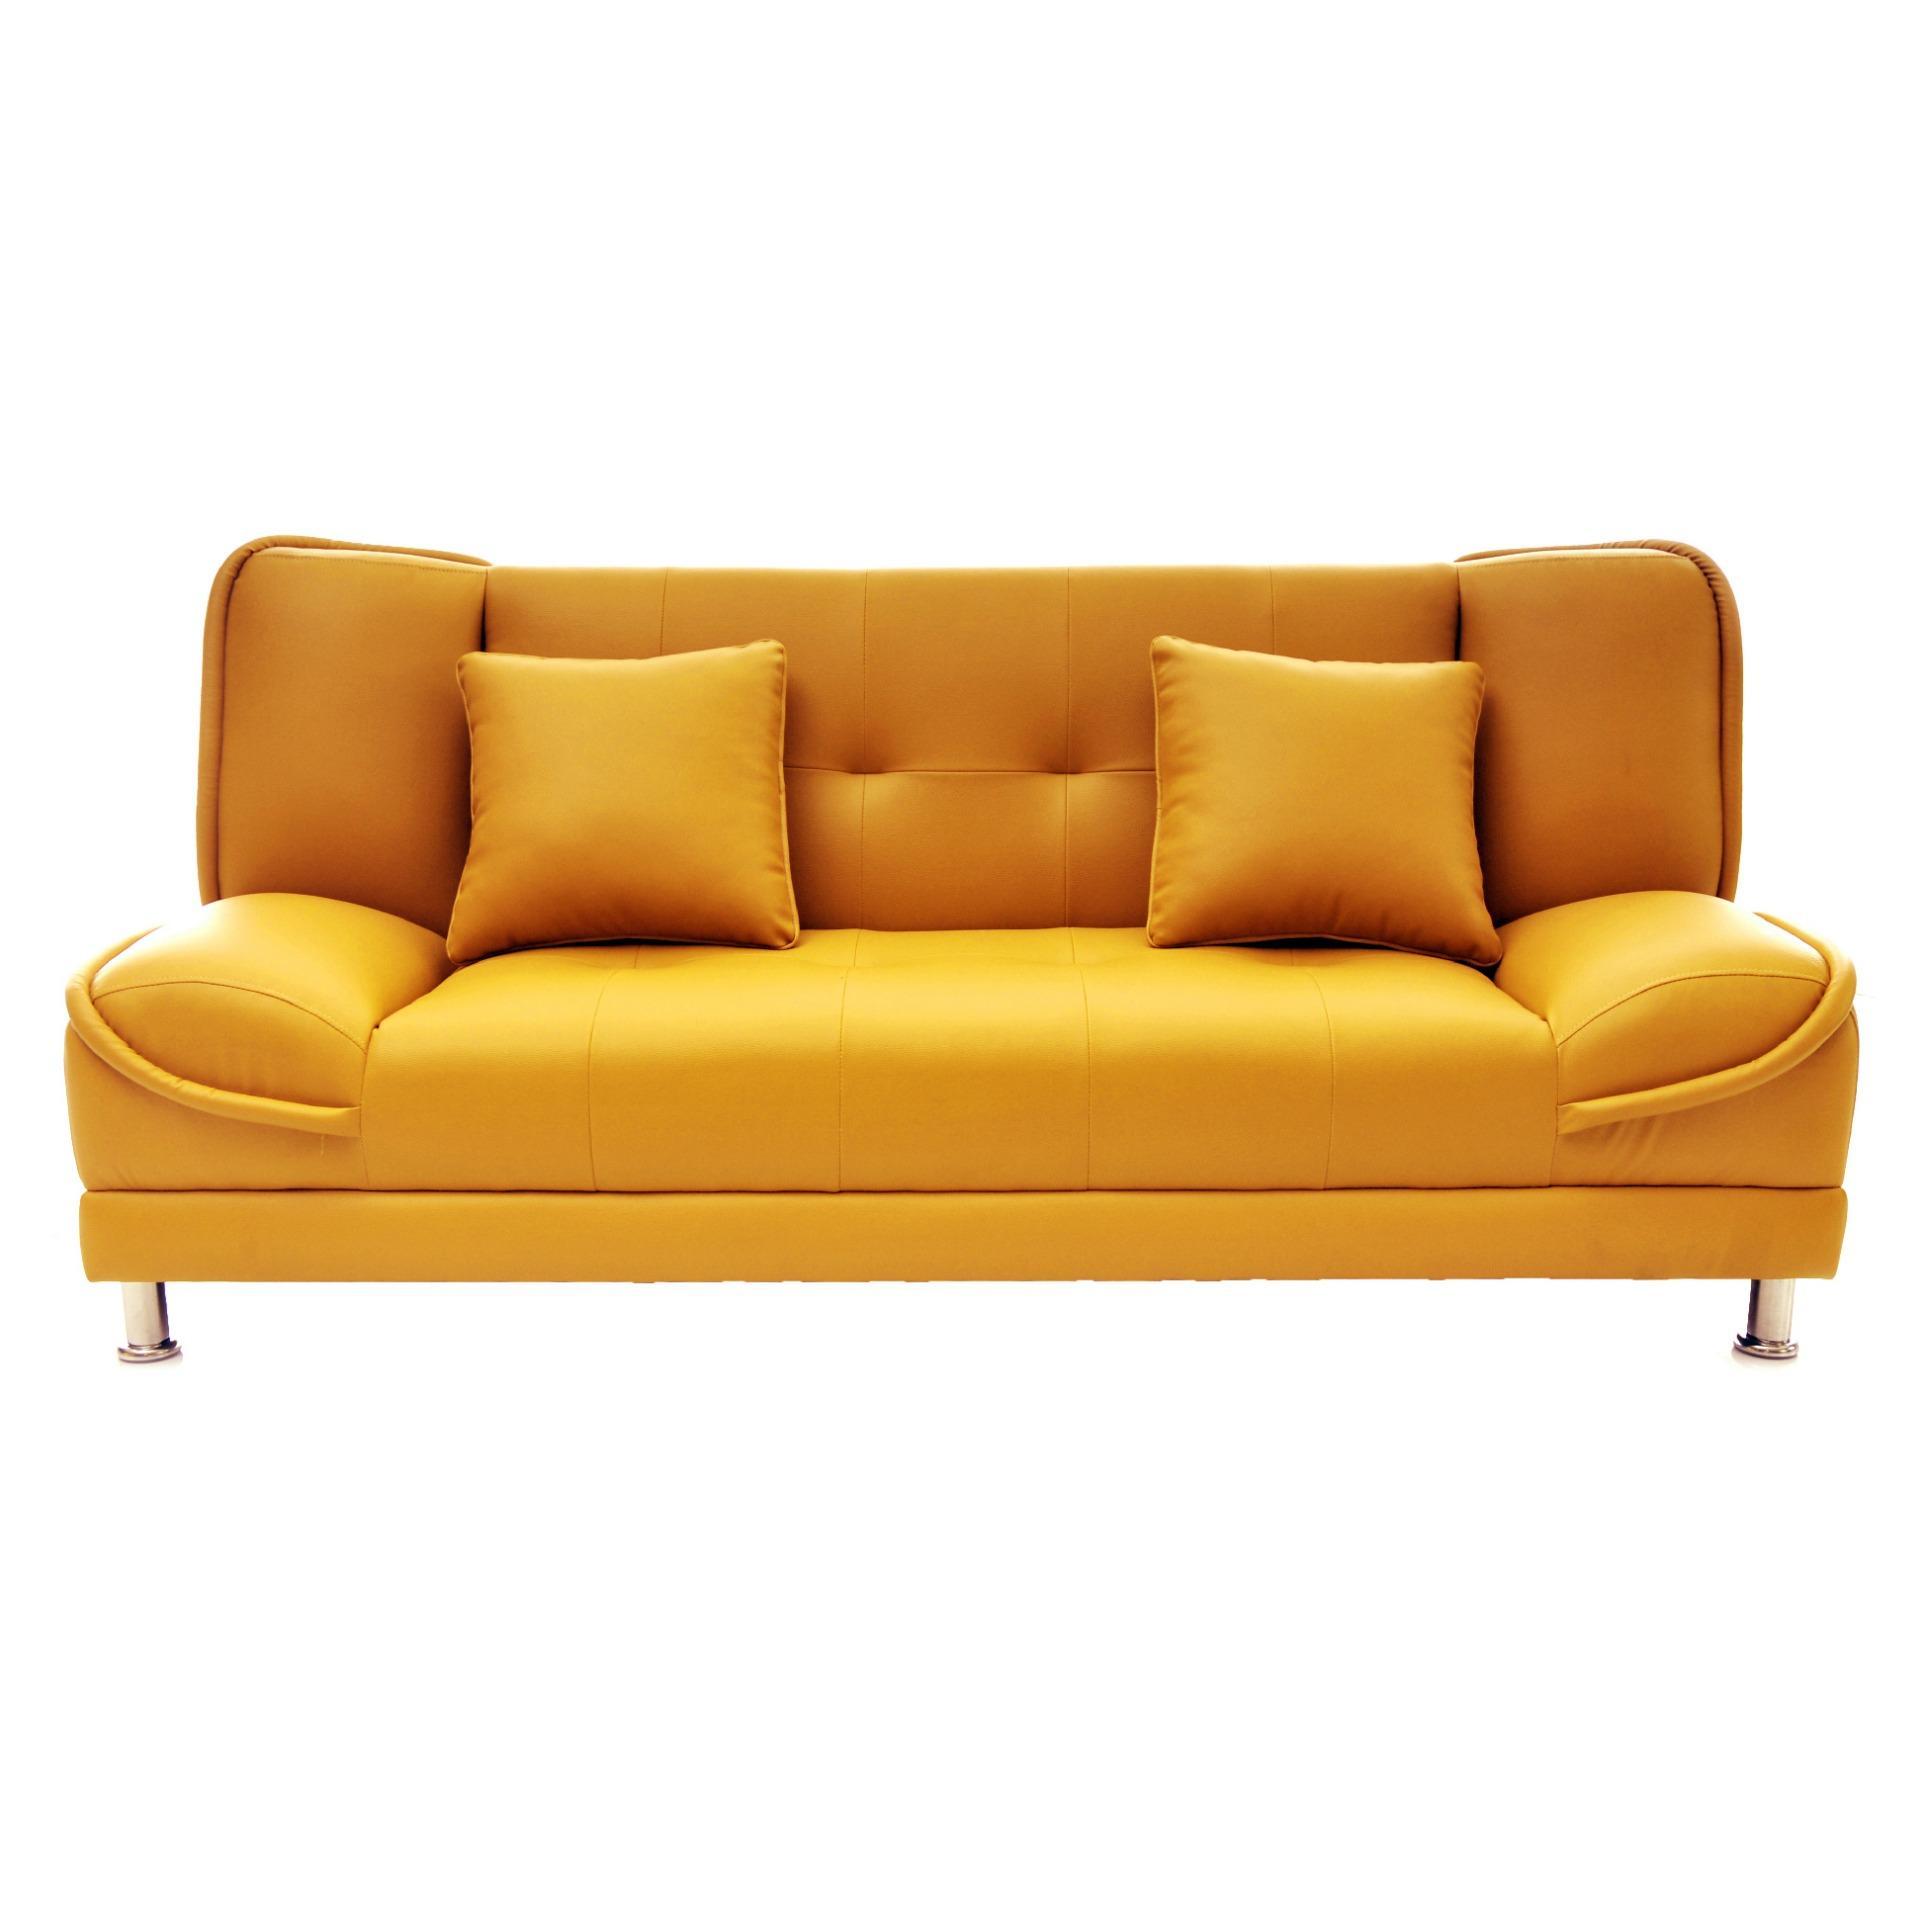 Harga Olc Sofabed Nok14 Oranye Jabodetabek Only Yang Bagus